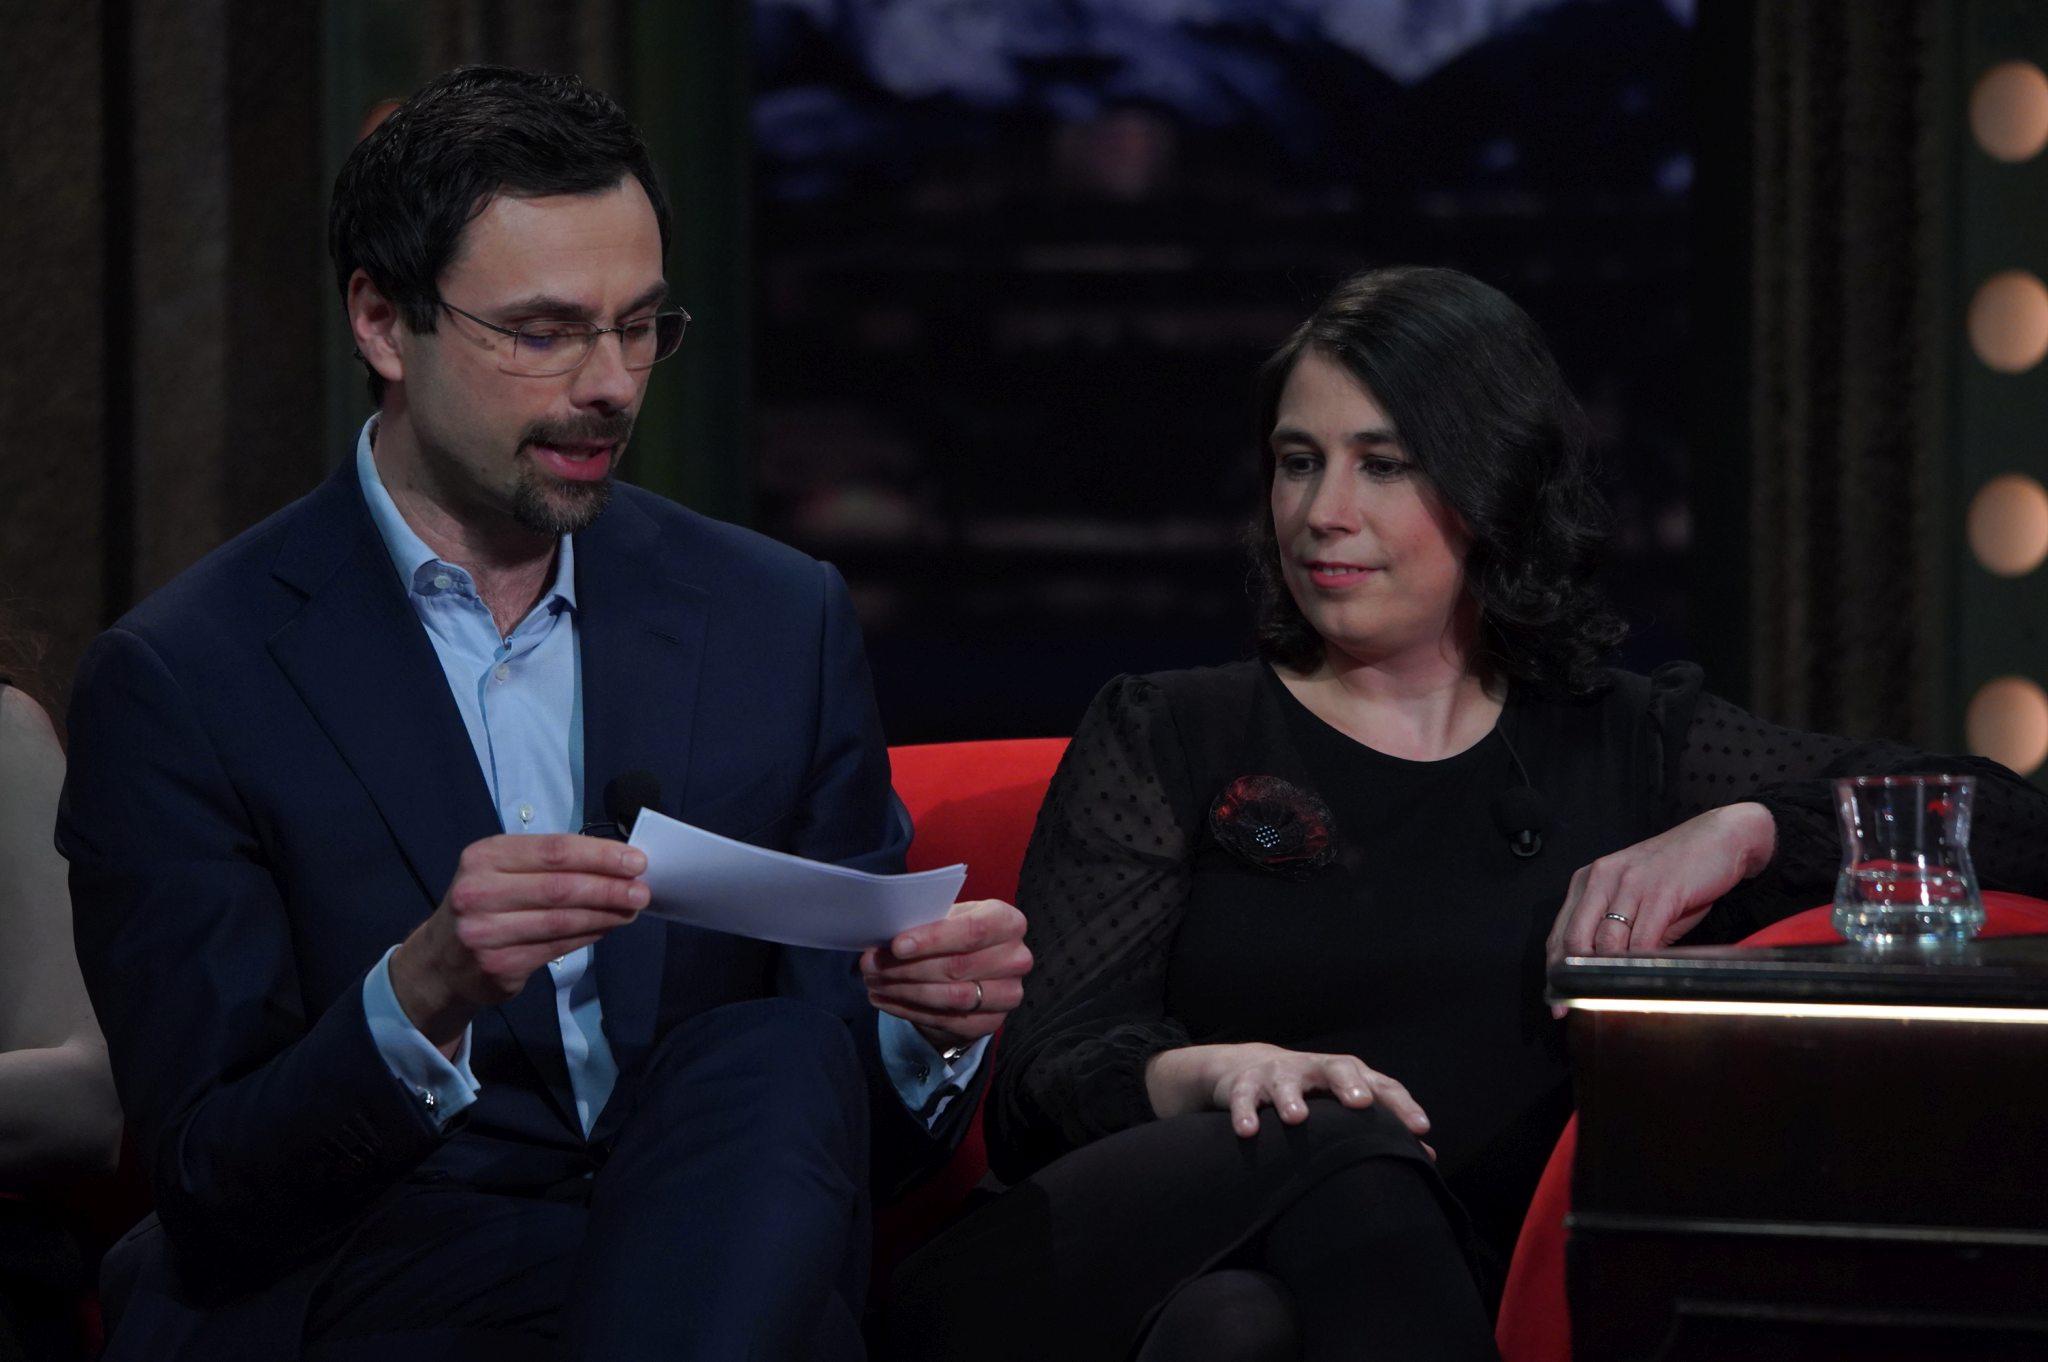 Filantropové Katarína a Ondřej Vlčkovi v SJK 31. 3. 2021